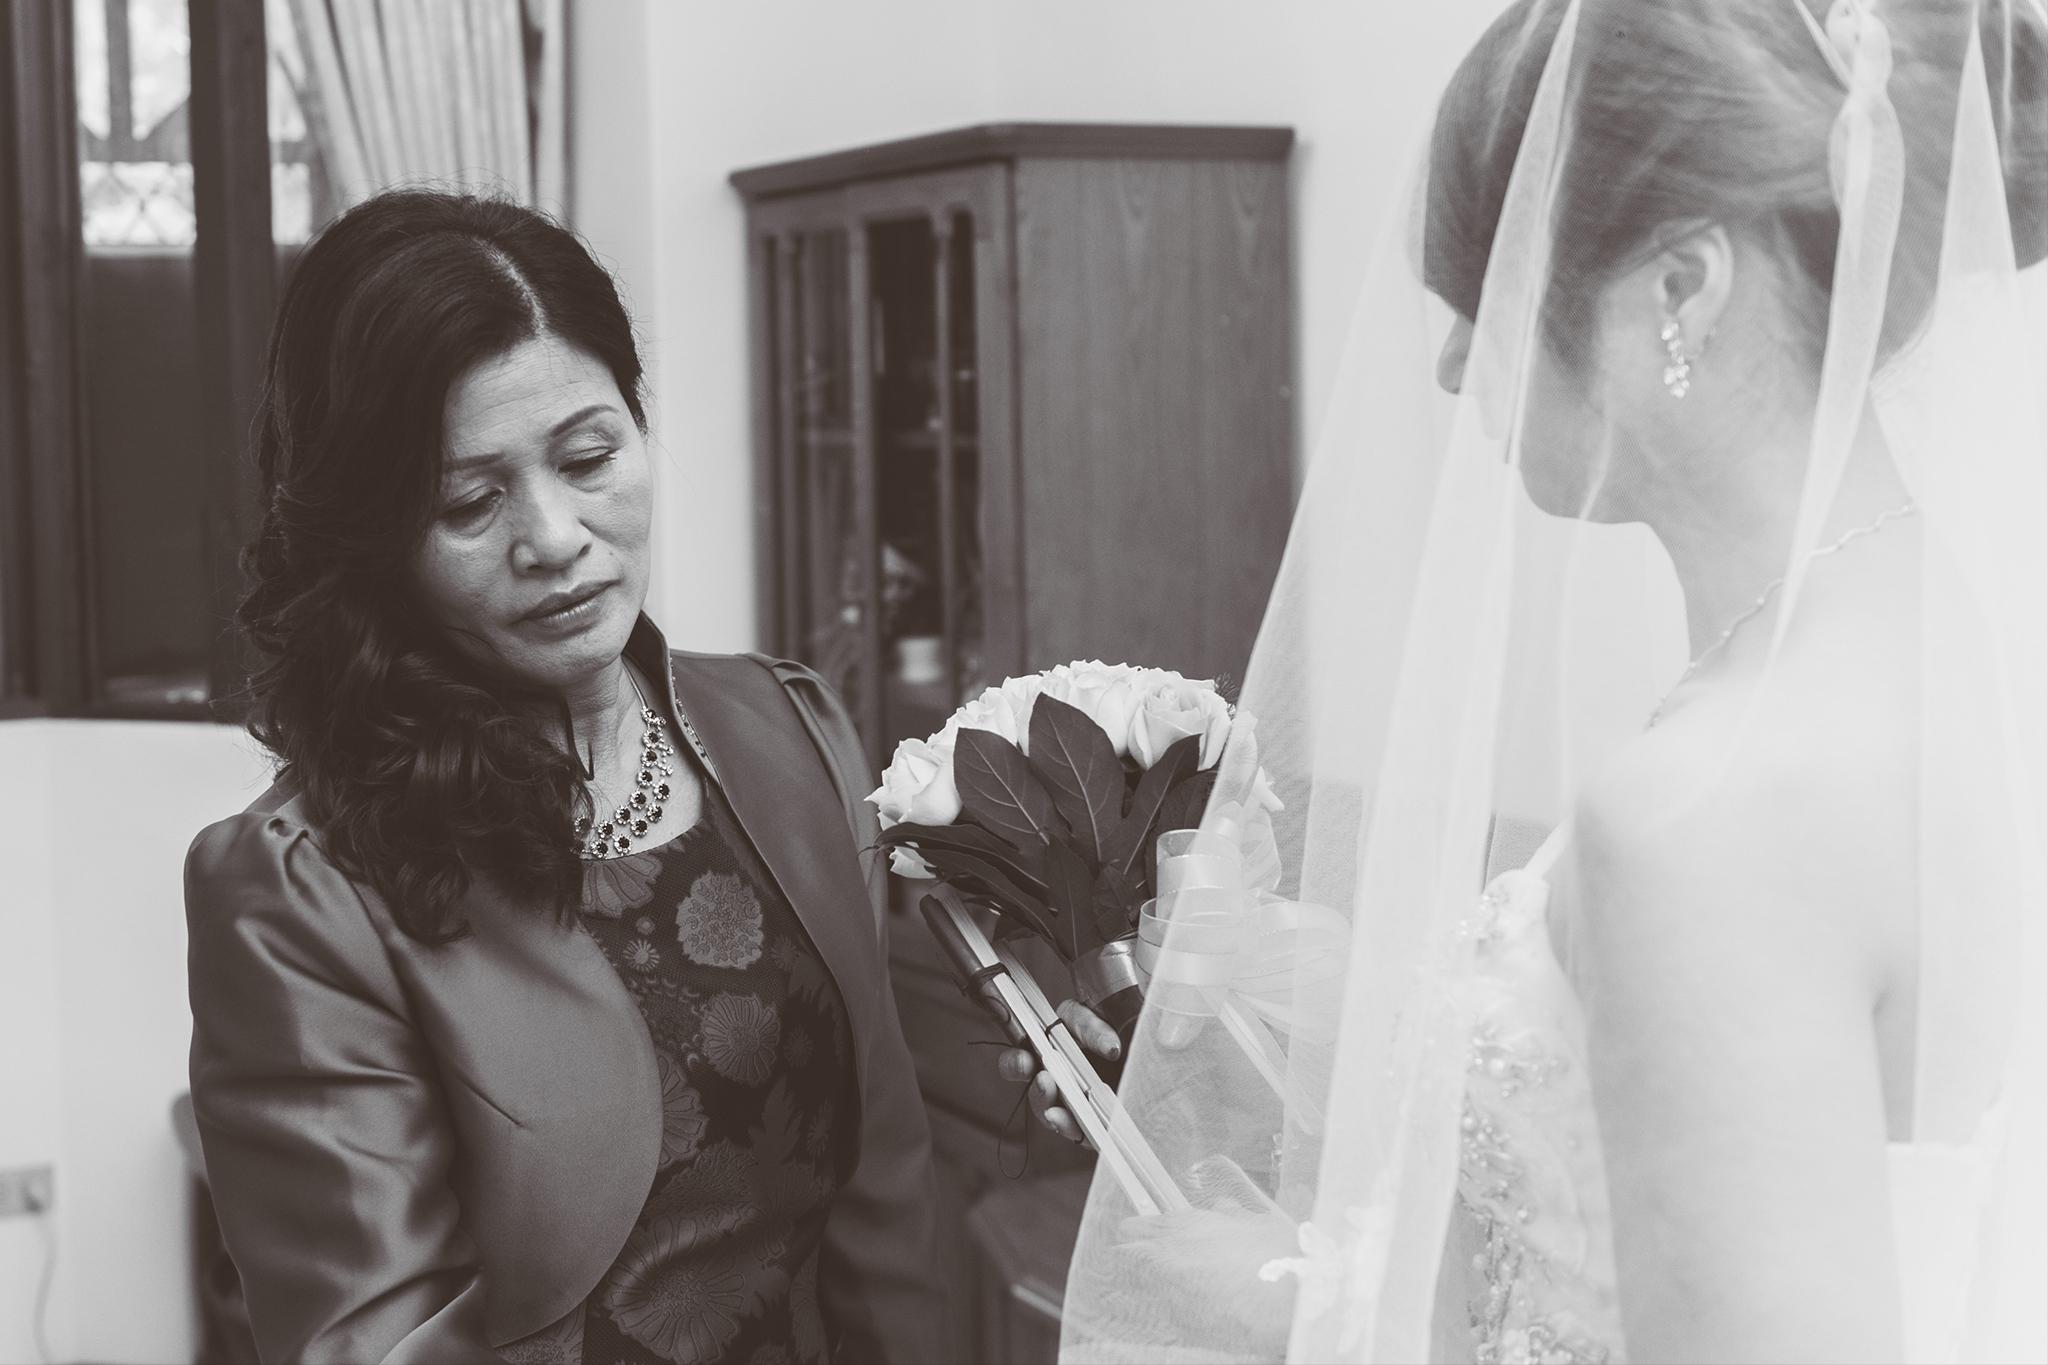 北婚攝, 婚攝, 婚禮記錄, 新祕, 結婚, 自助婚紗, 訂婚, 艾文, 婚禮拍照, 婚禮平面攝影師, 北部婚攝, 艾文婚禮記錄, 婚禮, 婚紗, 儀式, 婚攝推薦,孕婦寫真,儷宴會館